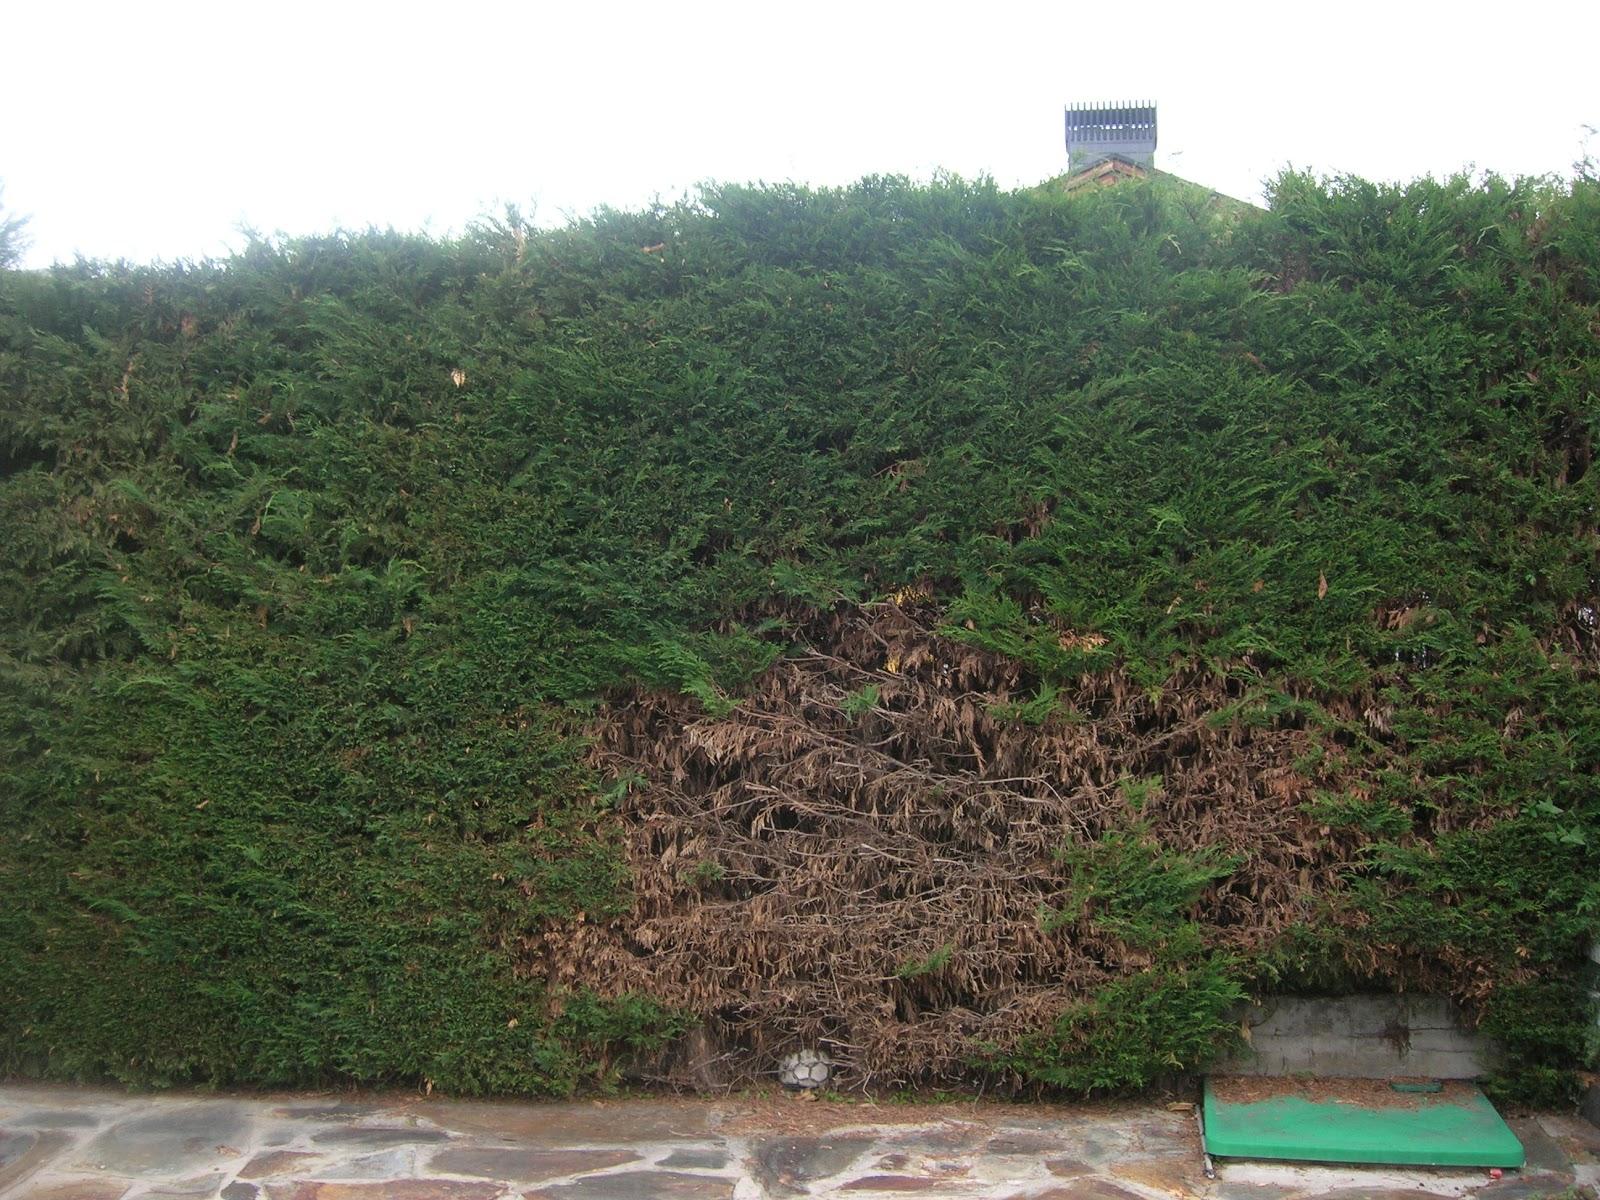 Los jardines de gaia problemas con los setos de con fera for Setos para jardin